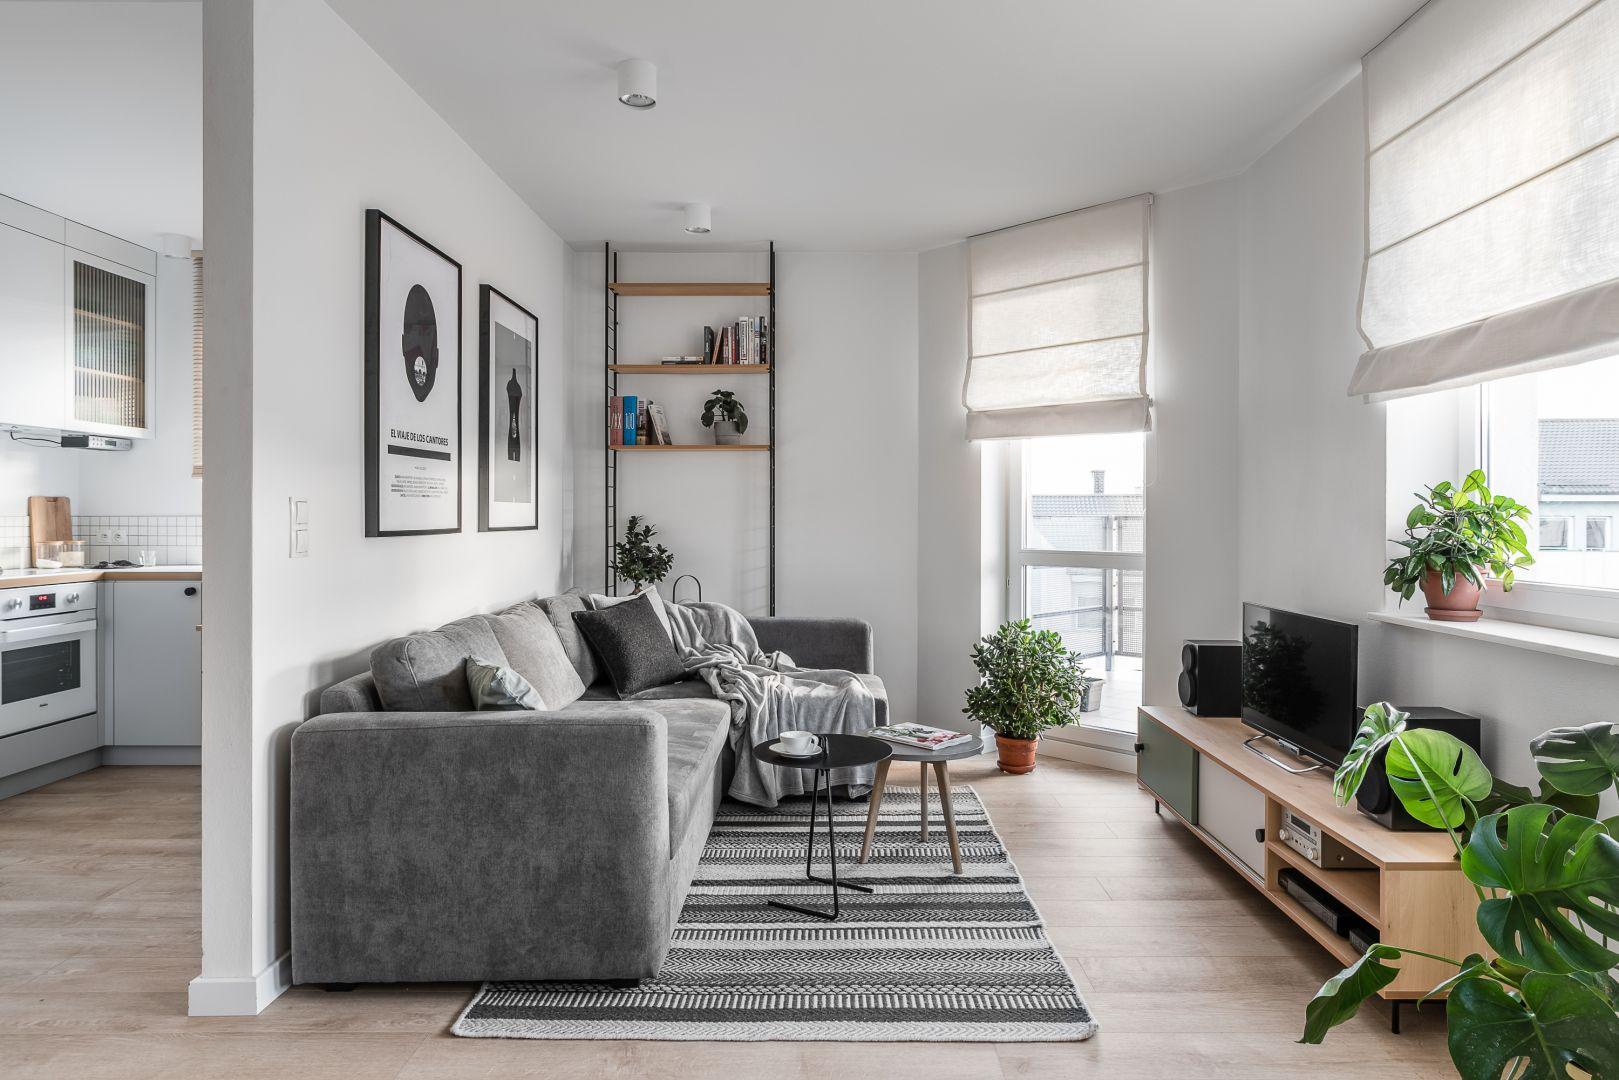 Ponadczasowy salon to wnętrza urządzone w neutralnych kolorach. Mile widziane szarości i biel. Projekt Raca Architekci. Fot. Fotomohito